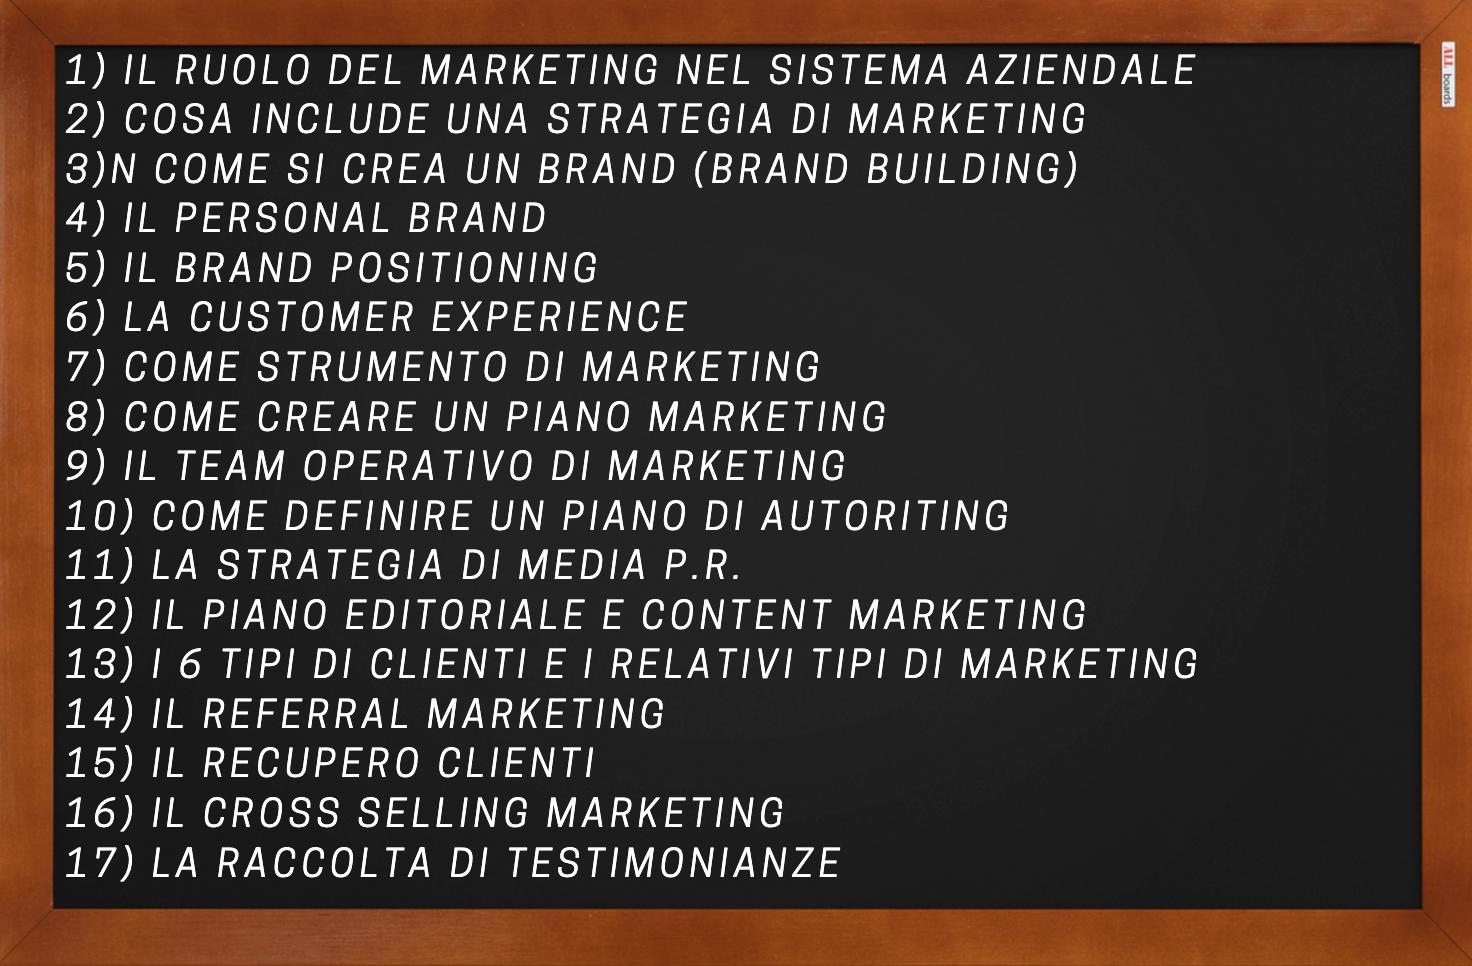 Strategia Di Marketing Tutto Quello Che Un Imprenditore Dovrebbe Sapere Sul Marketing Marco Belzani Imprenditore Esperto Nella Creazione Di Sistemi Di Vendita